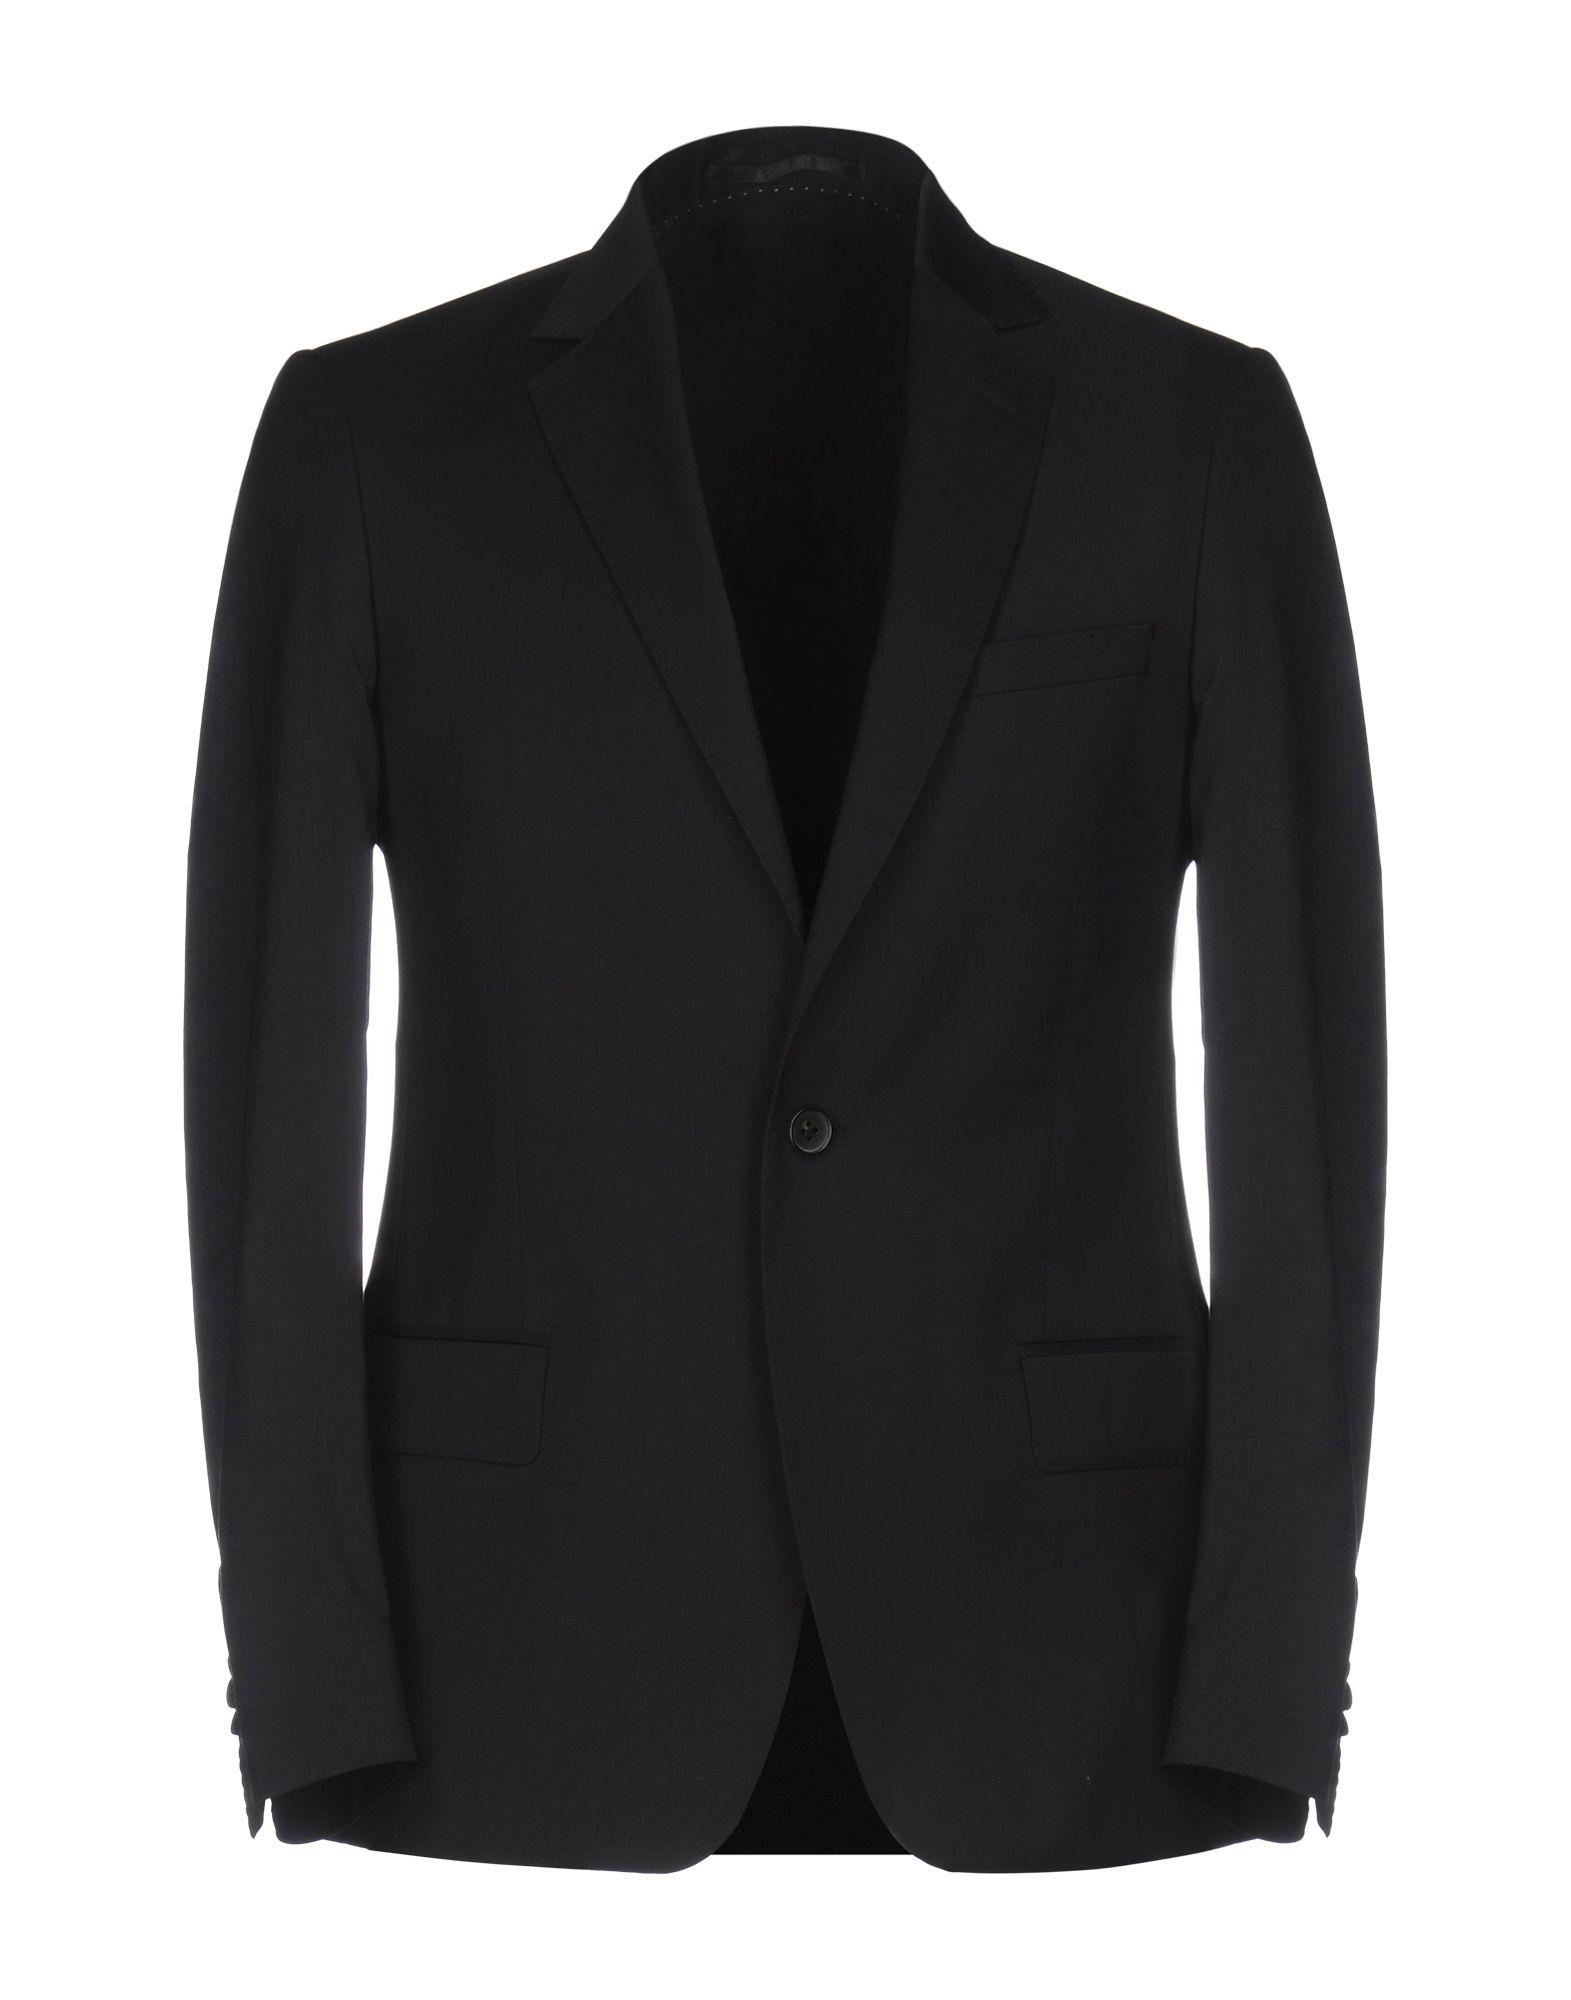 AVELON Blazer in Black